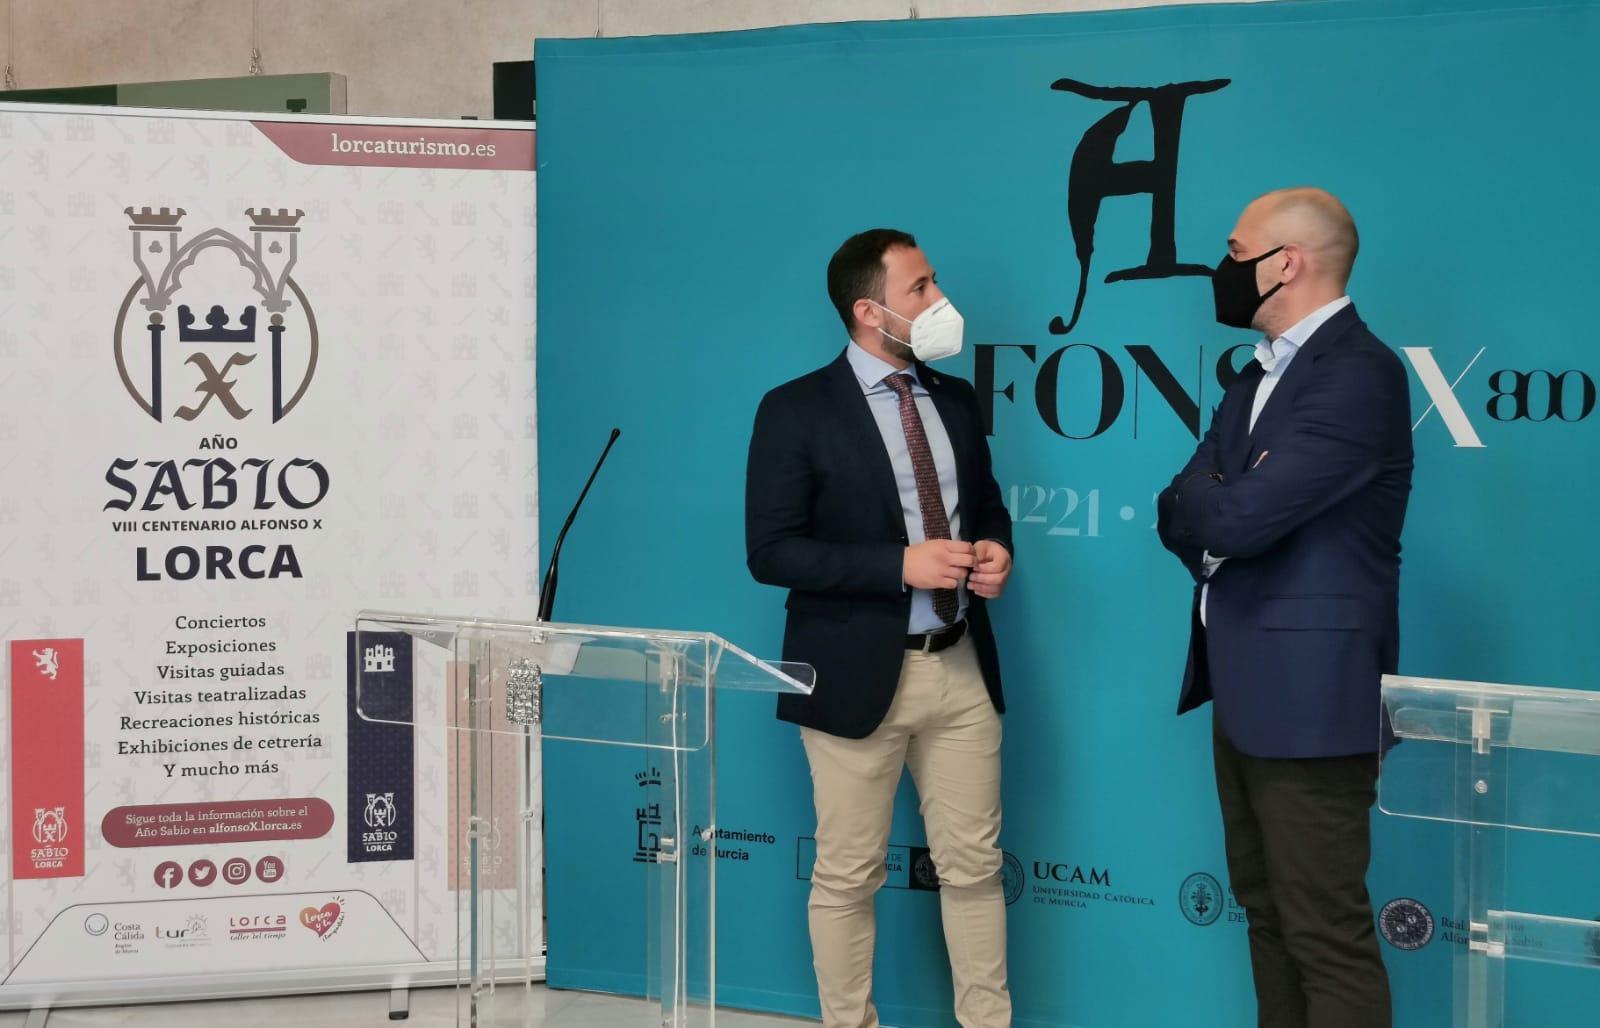 Lorca y Murcia se unen con motivo del VIII centenario del Rey Alfonso X 'El Sabio' para generar sinergias aumentando los visitantes y turistas